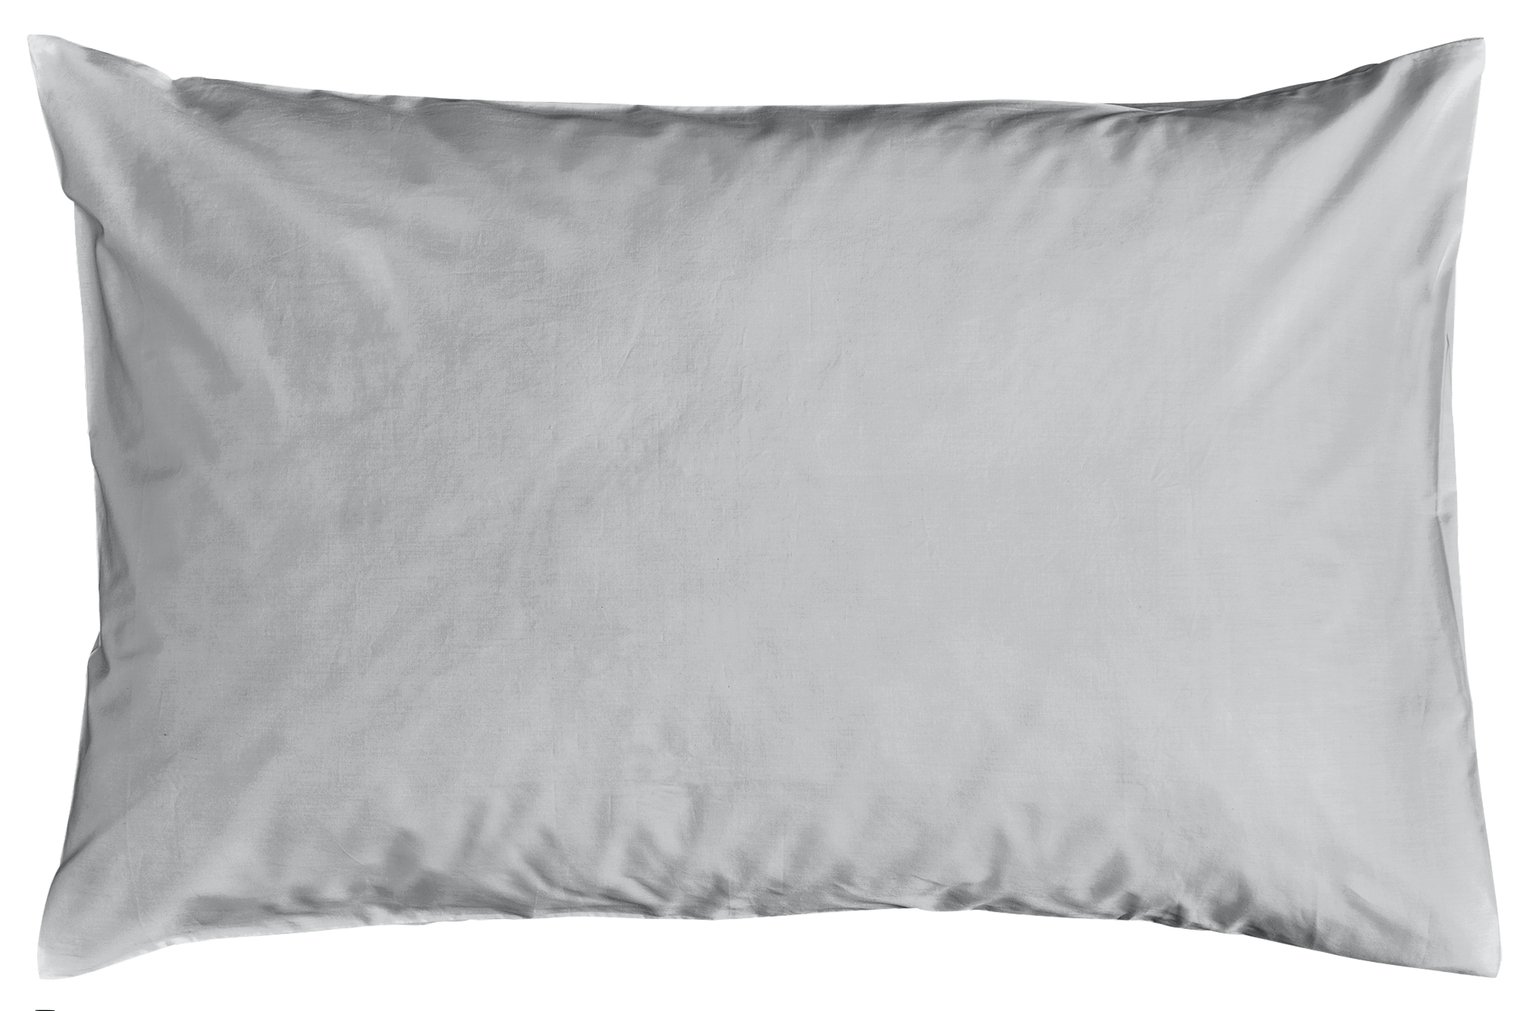 Argos Home Easycare 100% Cotton Standard Pillowcase Pair